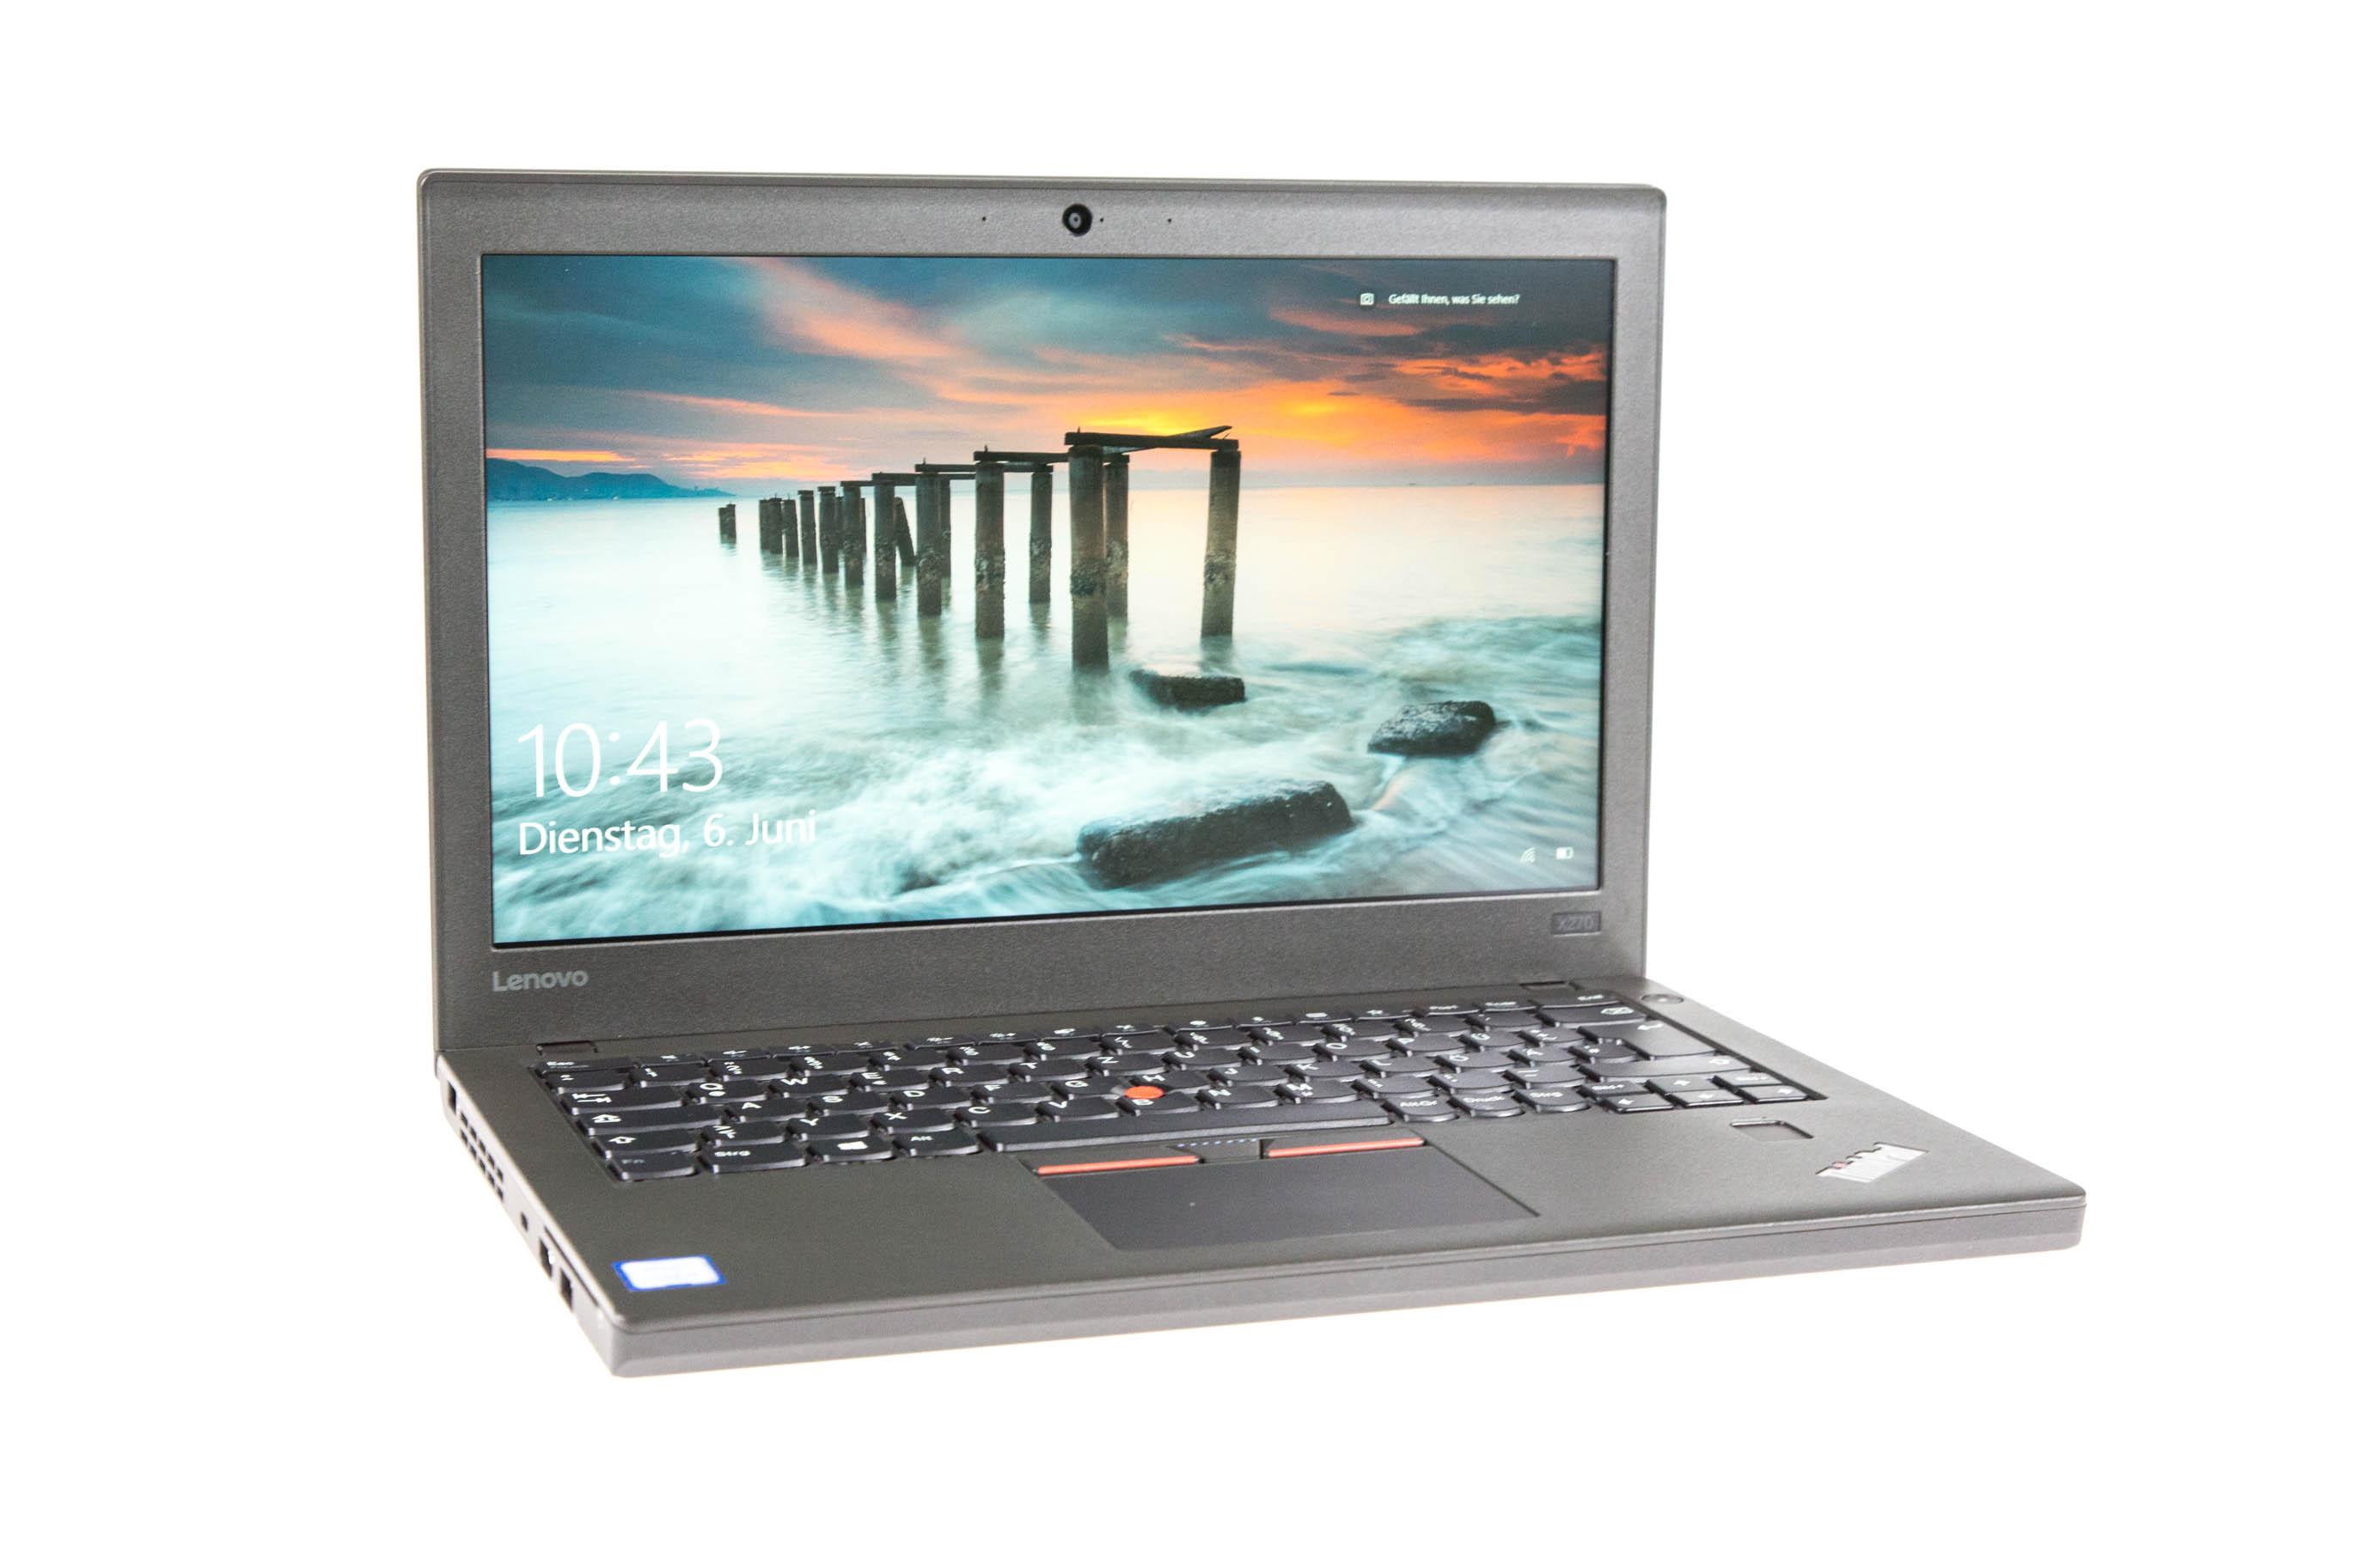 Thinkpad X270 im Test: Lenovos neuer alter Klassiker hat es immer noch drauf - Klassisch Thinkpad: Das X270 sieht mittlerweile alt aus. (Bild: Martin Wolf/Golem.de)